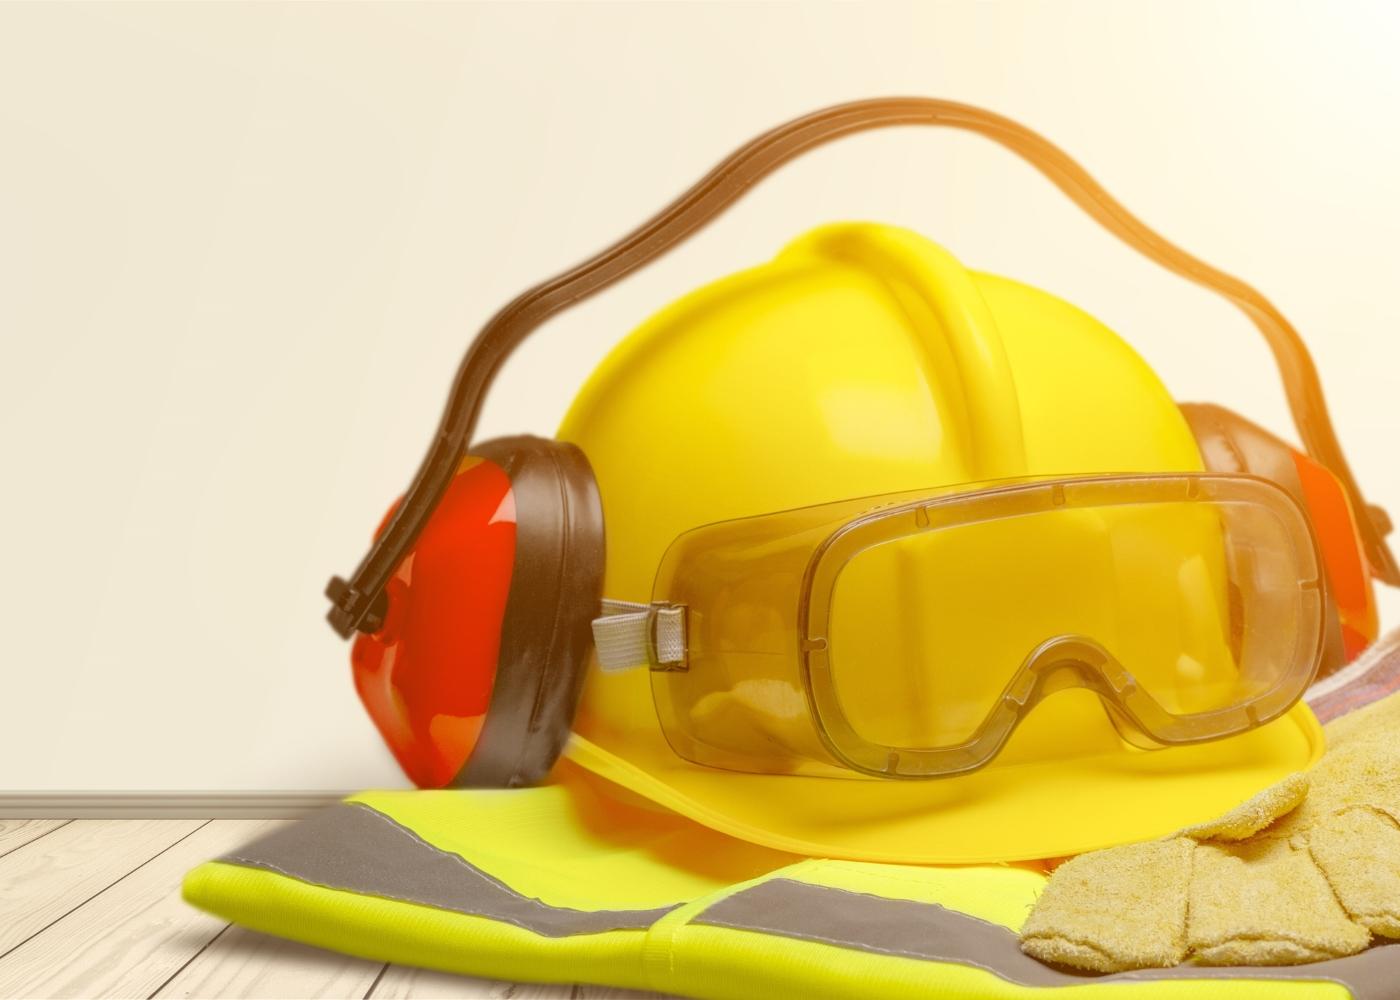 equipamentos de proteção contra o ruído no trabalho da construção